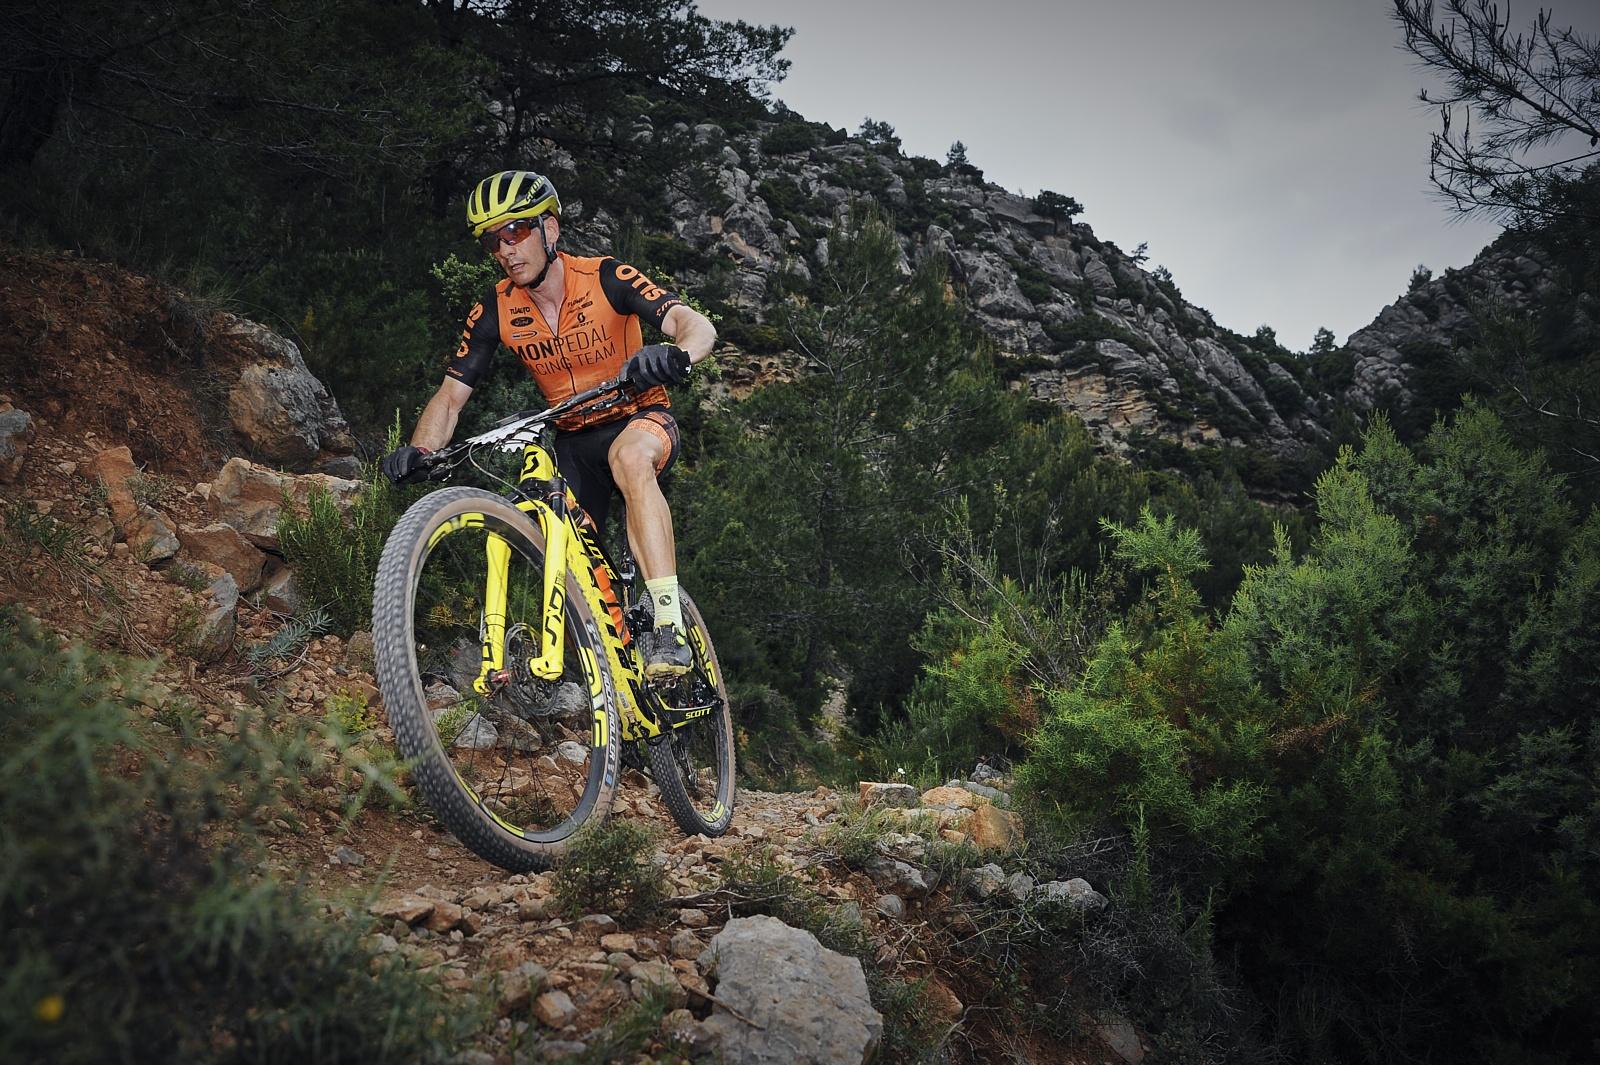 La Gigante de Piedra 2021 - QuieroMisFotos.com - Sergio Tomico, Photography